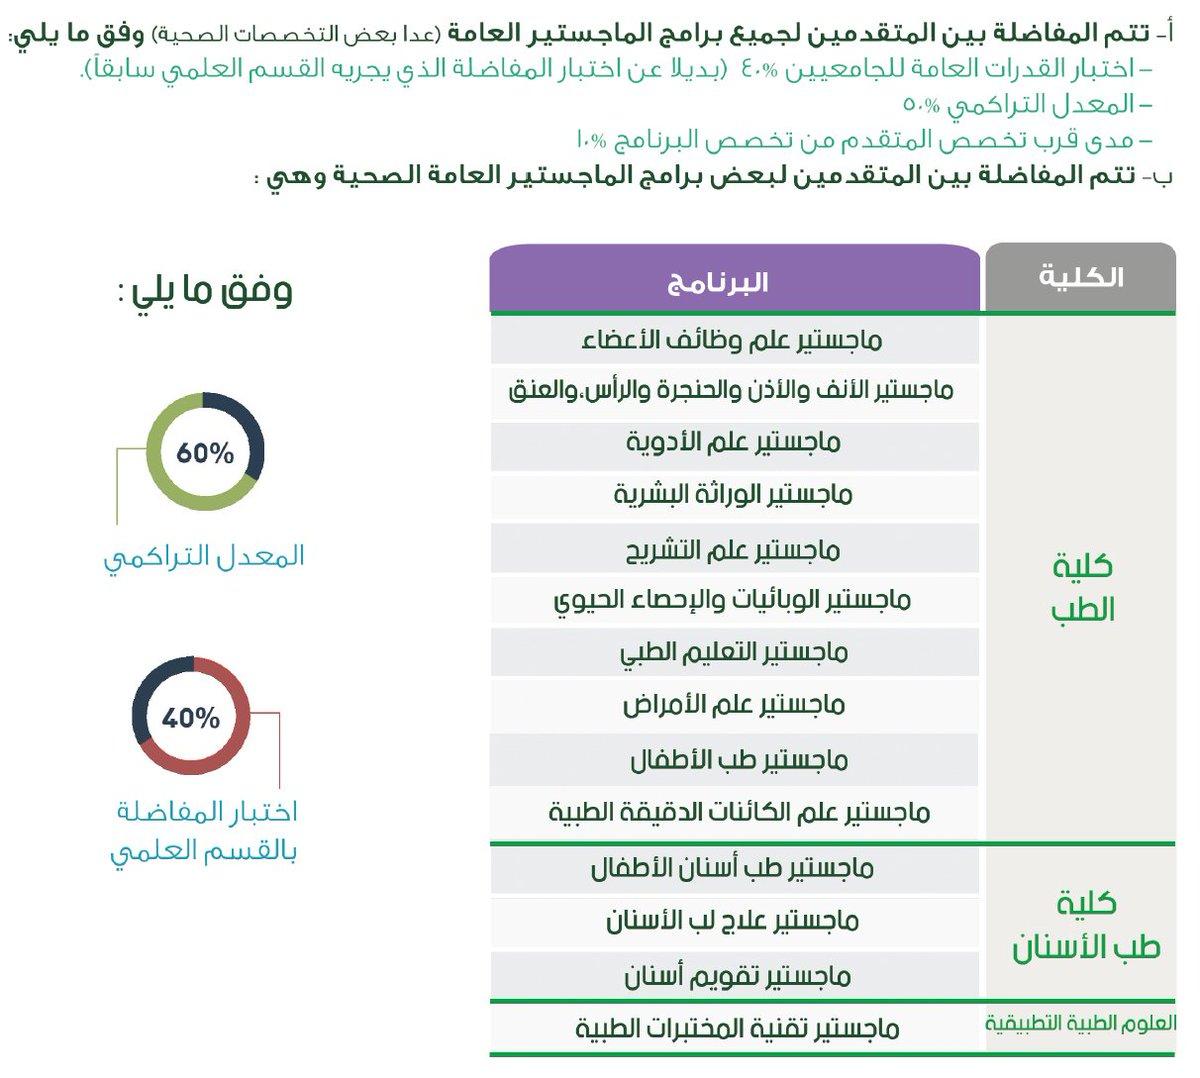 عمادة الدراسات العليا Twitterren يتم حساب النسبة الموزونة للمتقدمين لبرامج الماجستير وفقا للتالي